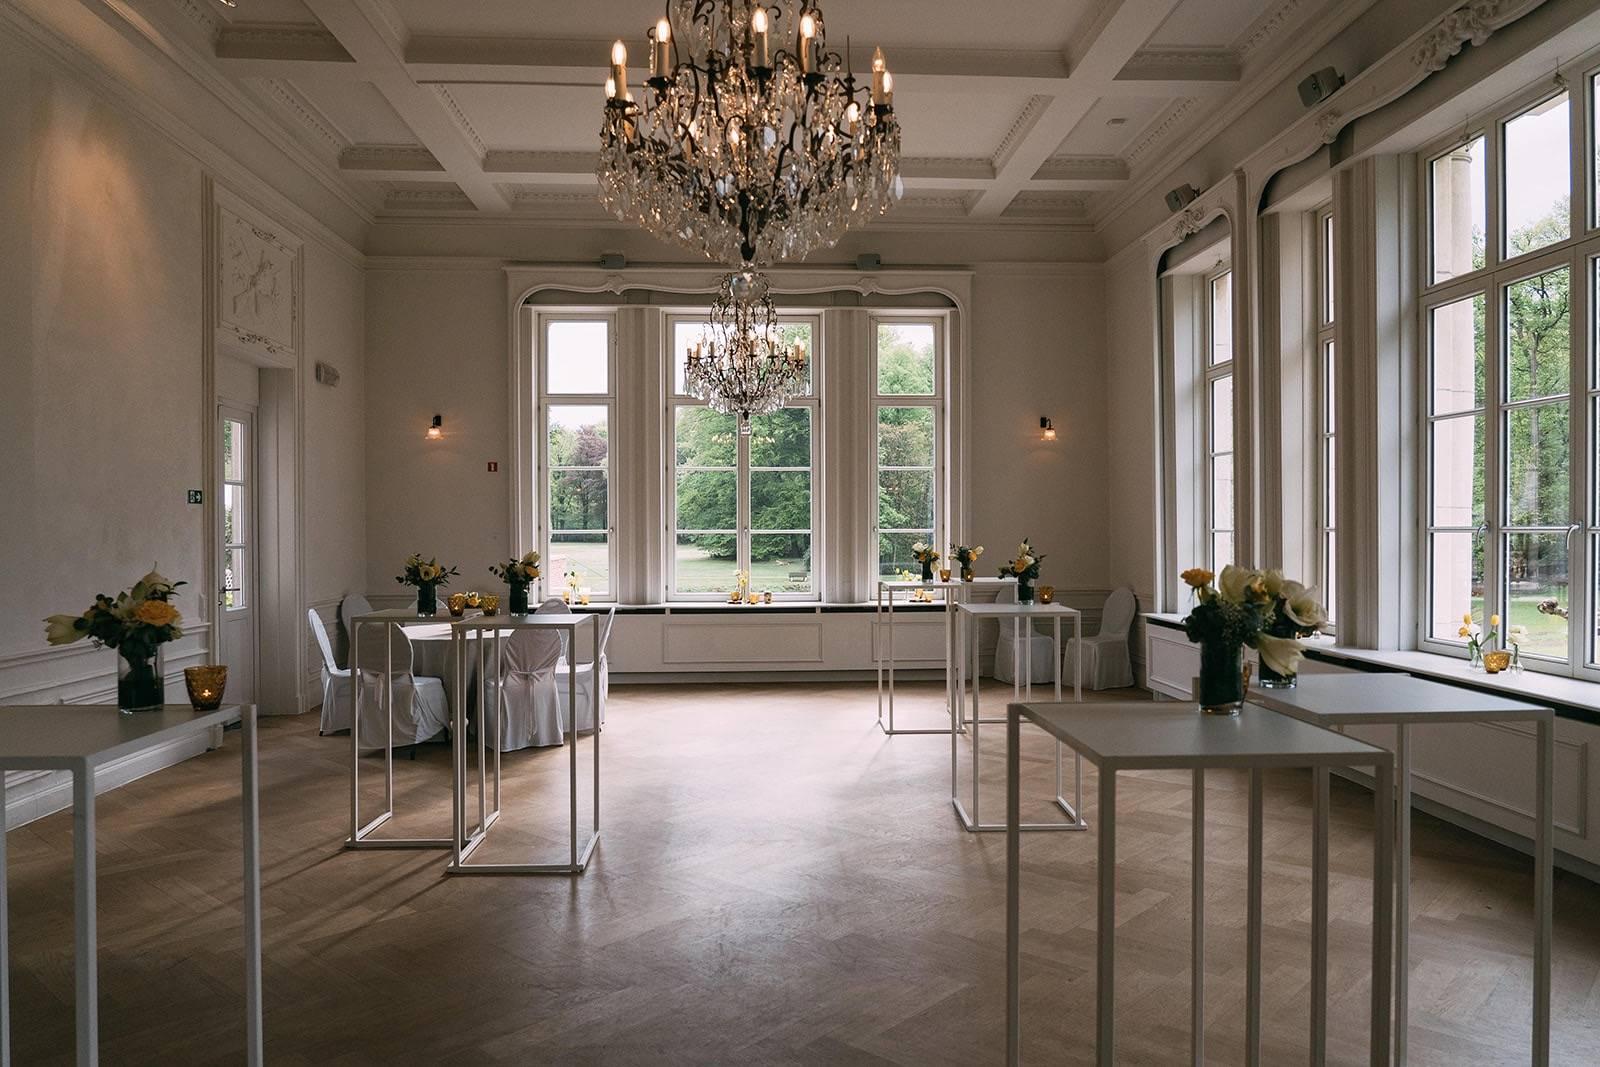 Kasteel Van Brasschaat - Eventlocatie - Feestzaal - Trouwzaal - House of Events & House of Weddings - 8